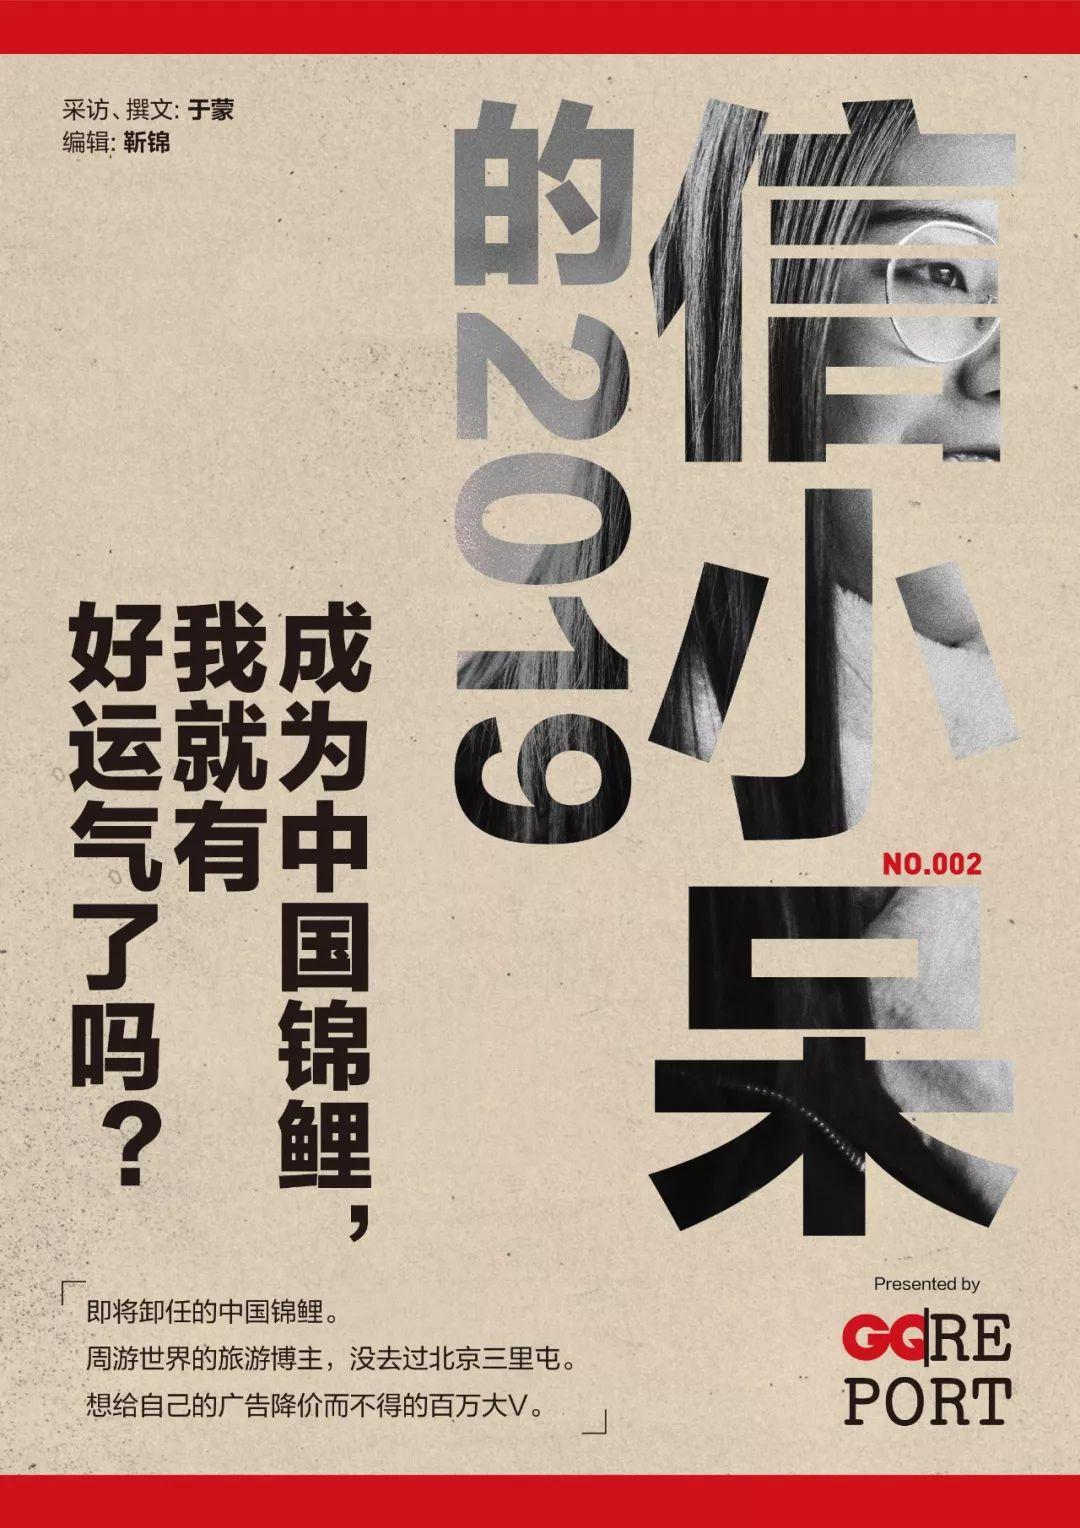 信小呆的2019:成为中国锦鲤,我就有好运气了吗?